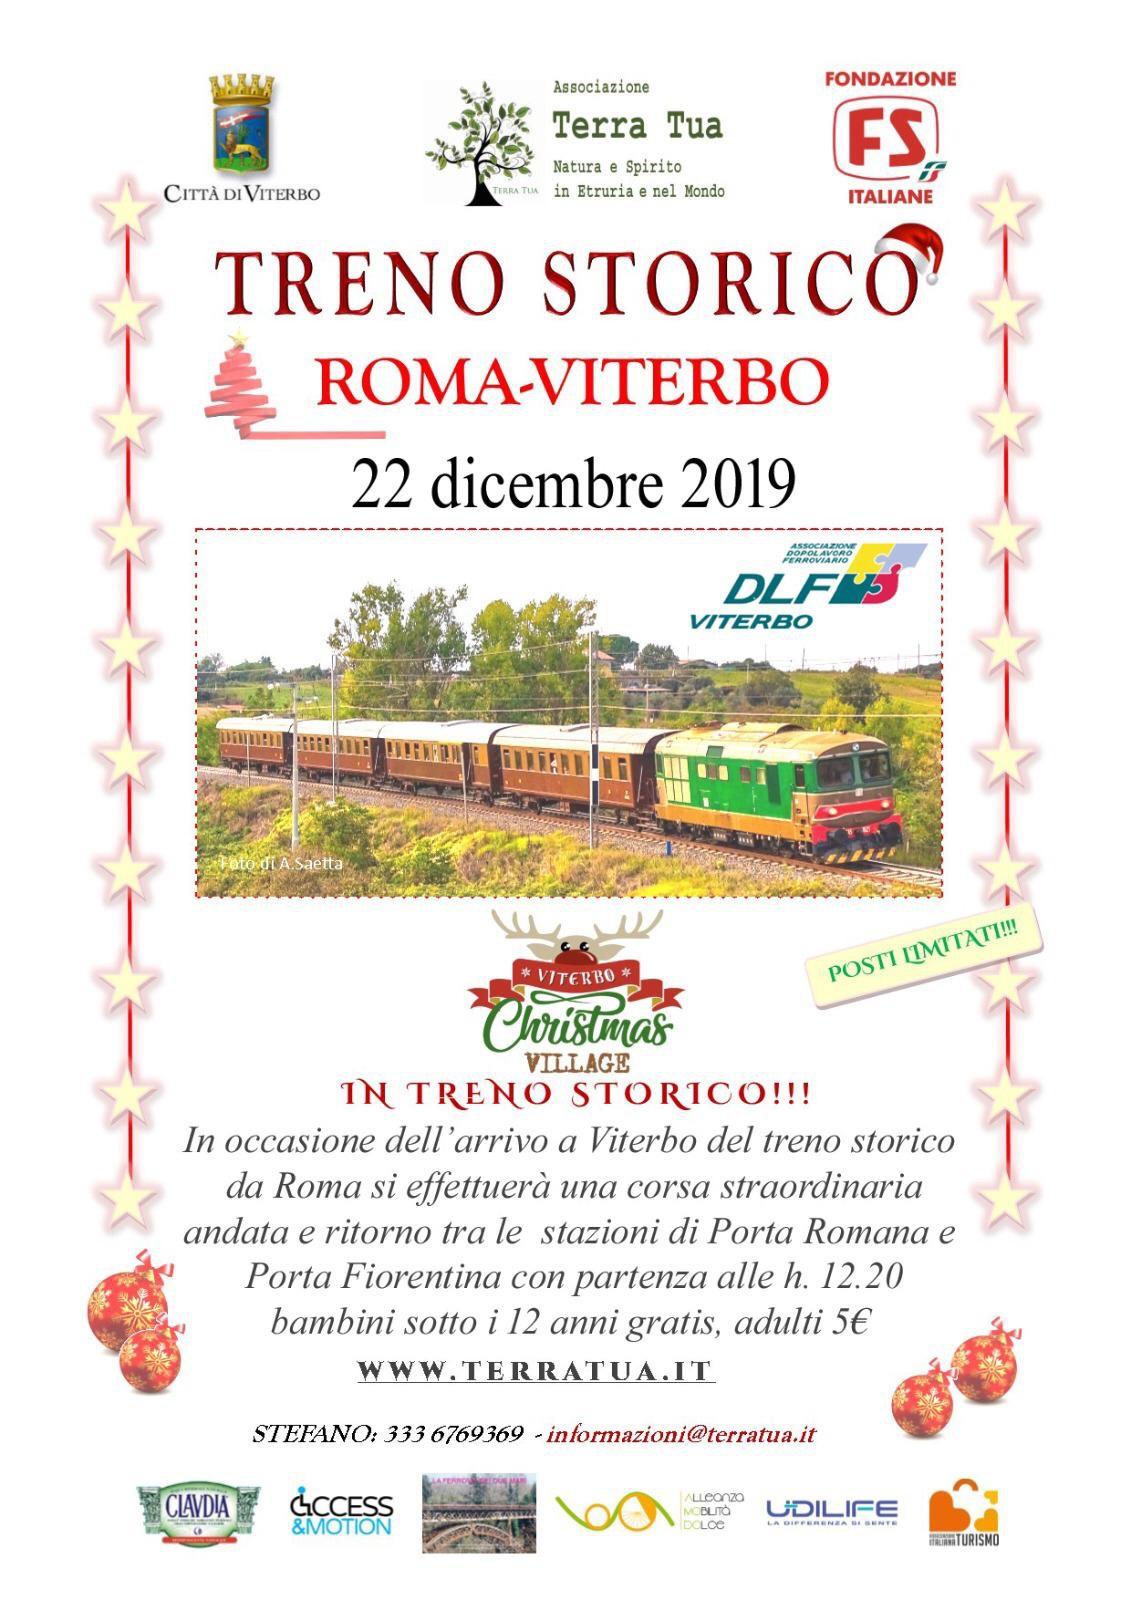 TRENO STORICO ROMA-VITERBO, IL 22 DICEMBRE CORSA STRAORDINARIA